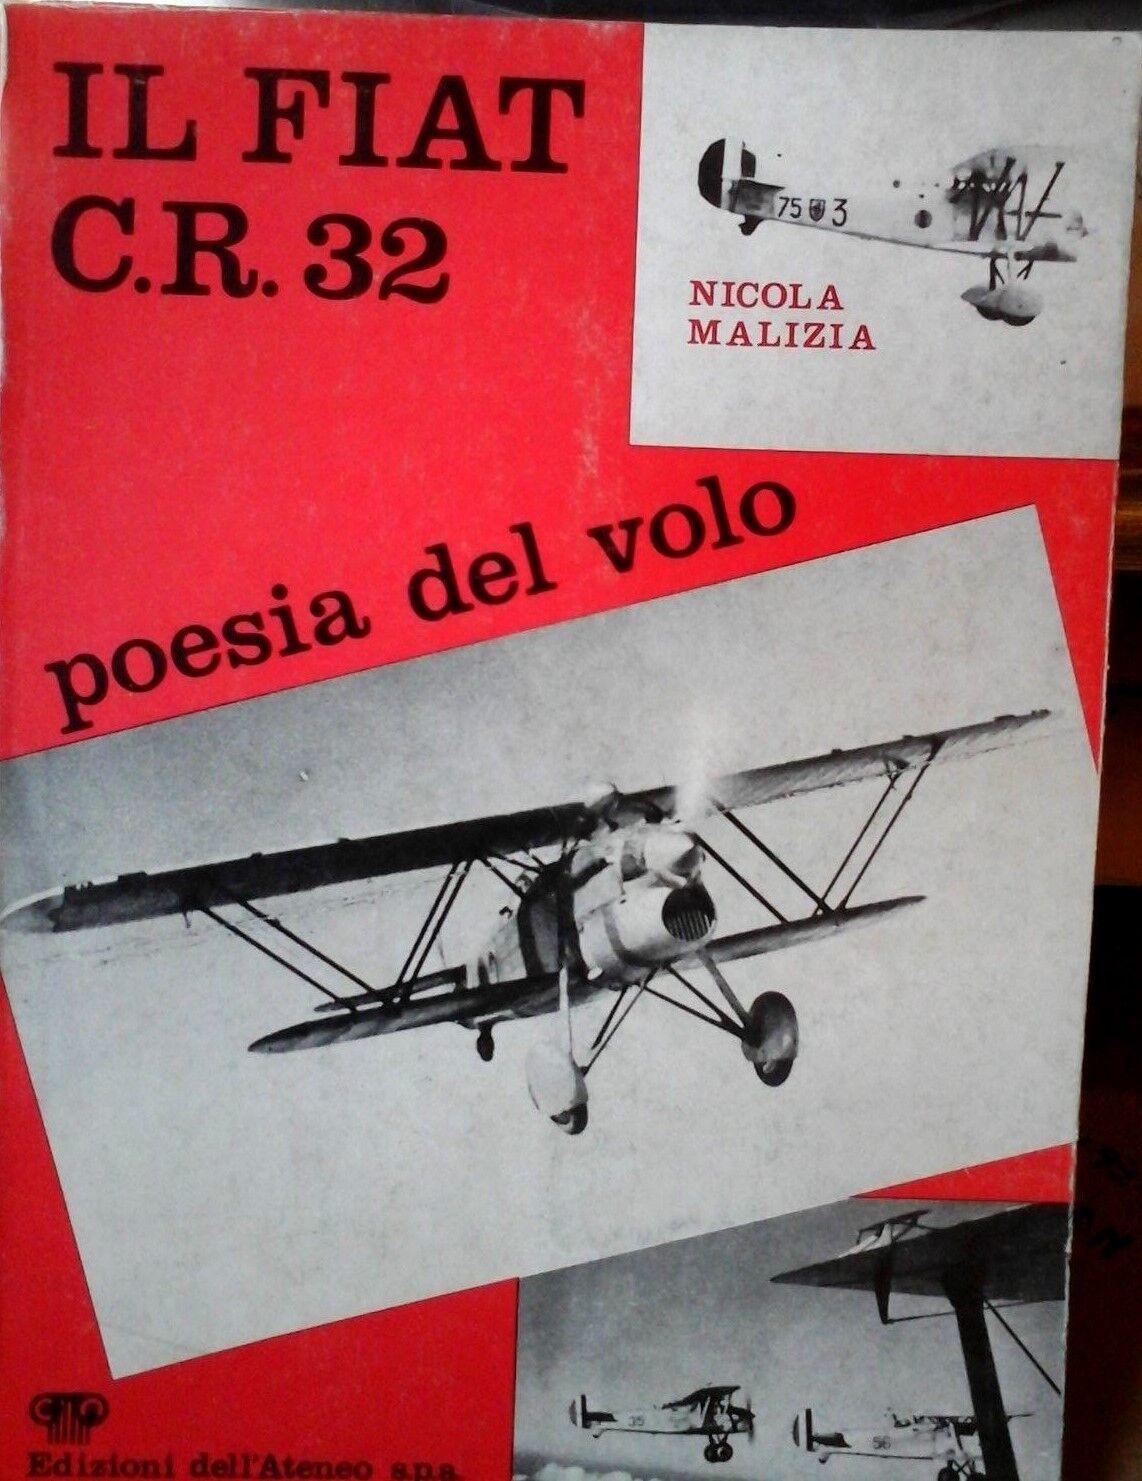 IL FIAT C.R.32 -POESIA DEL VOLO- BY NICOLA MALIZIA- EDIZIONI DELL'ATENEO;